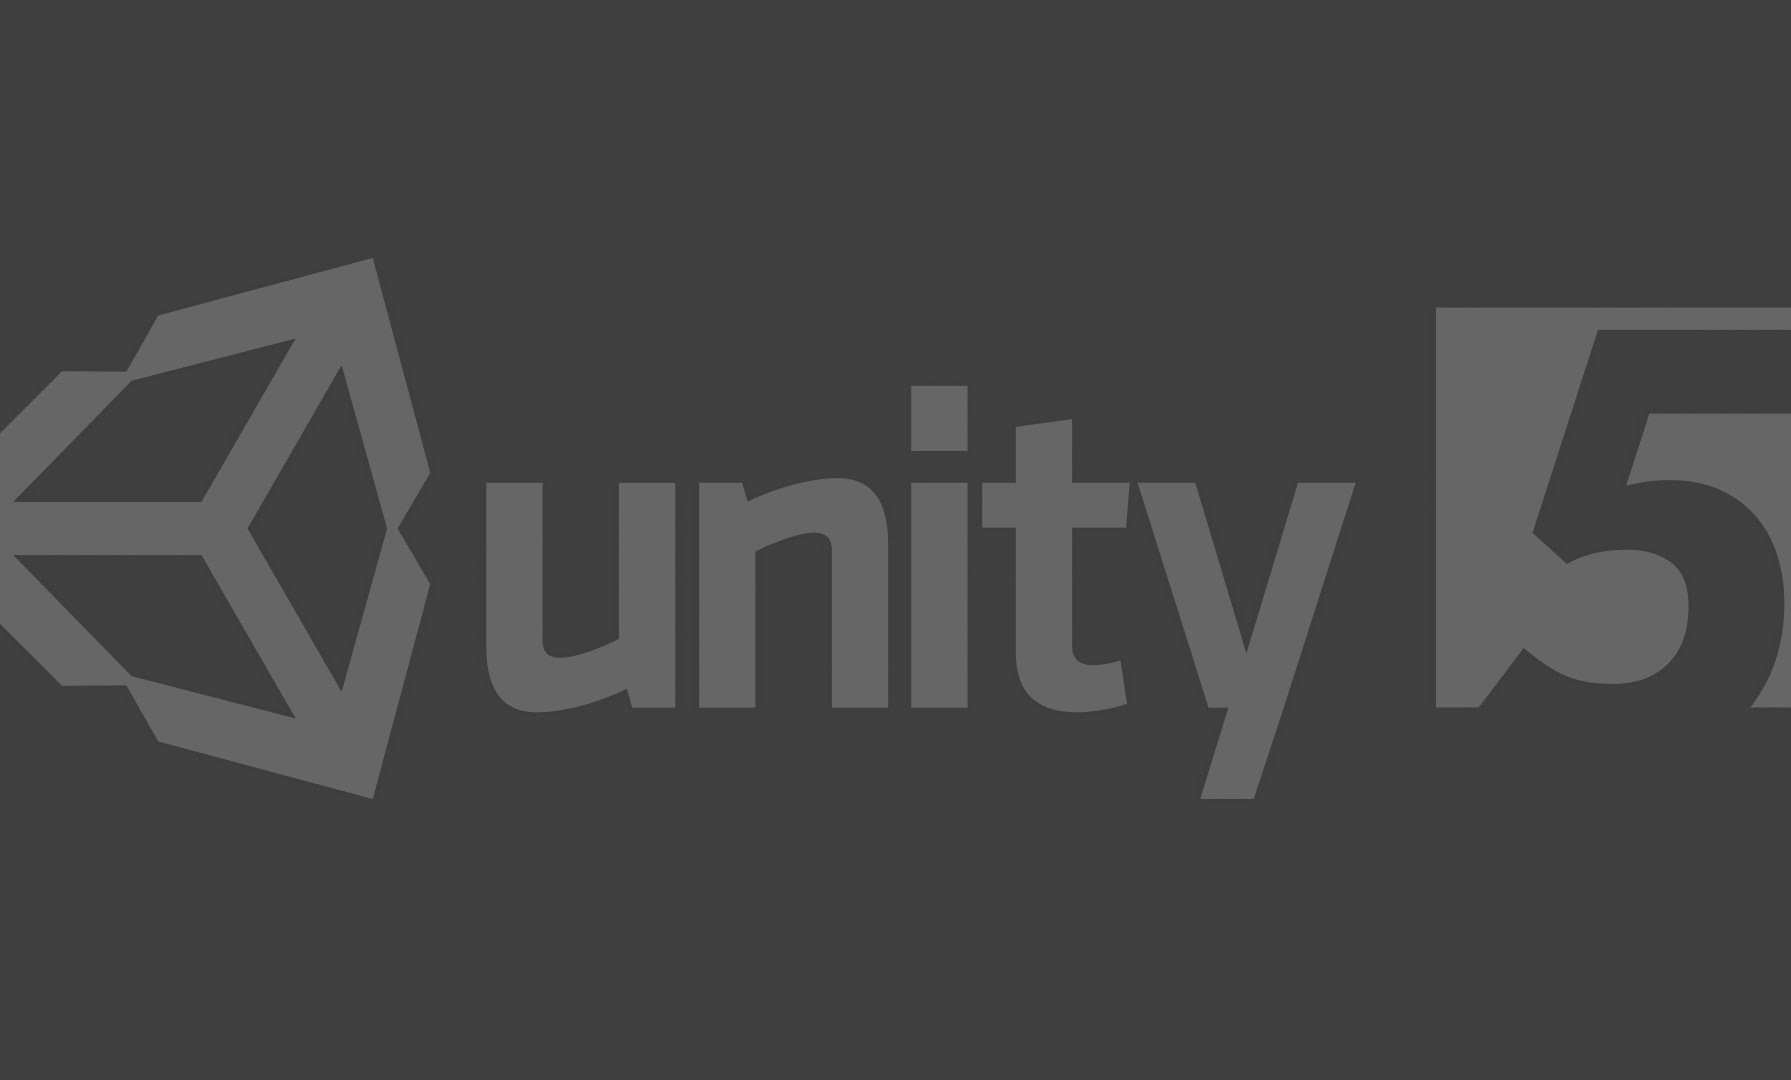 ANUNCIADO UNITY 5